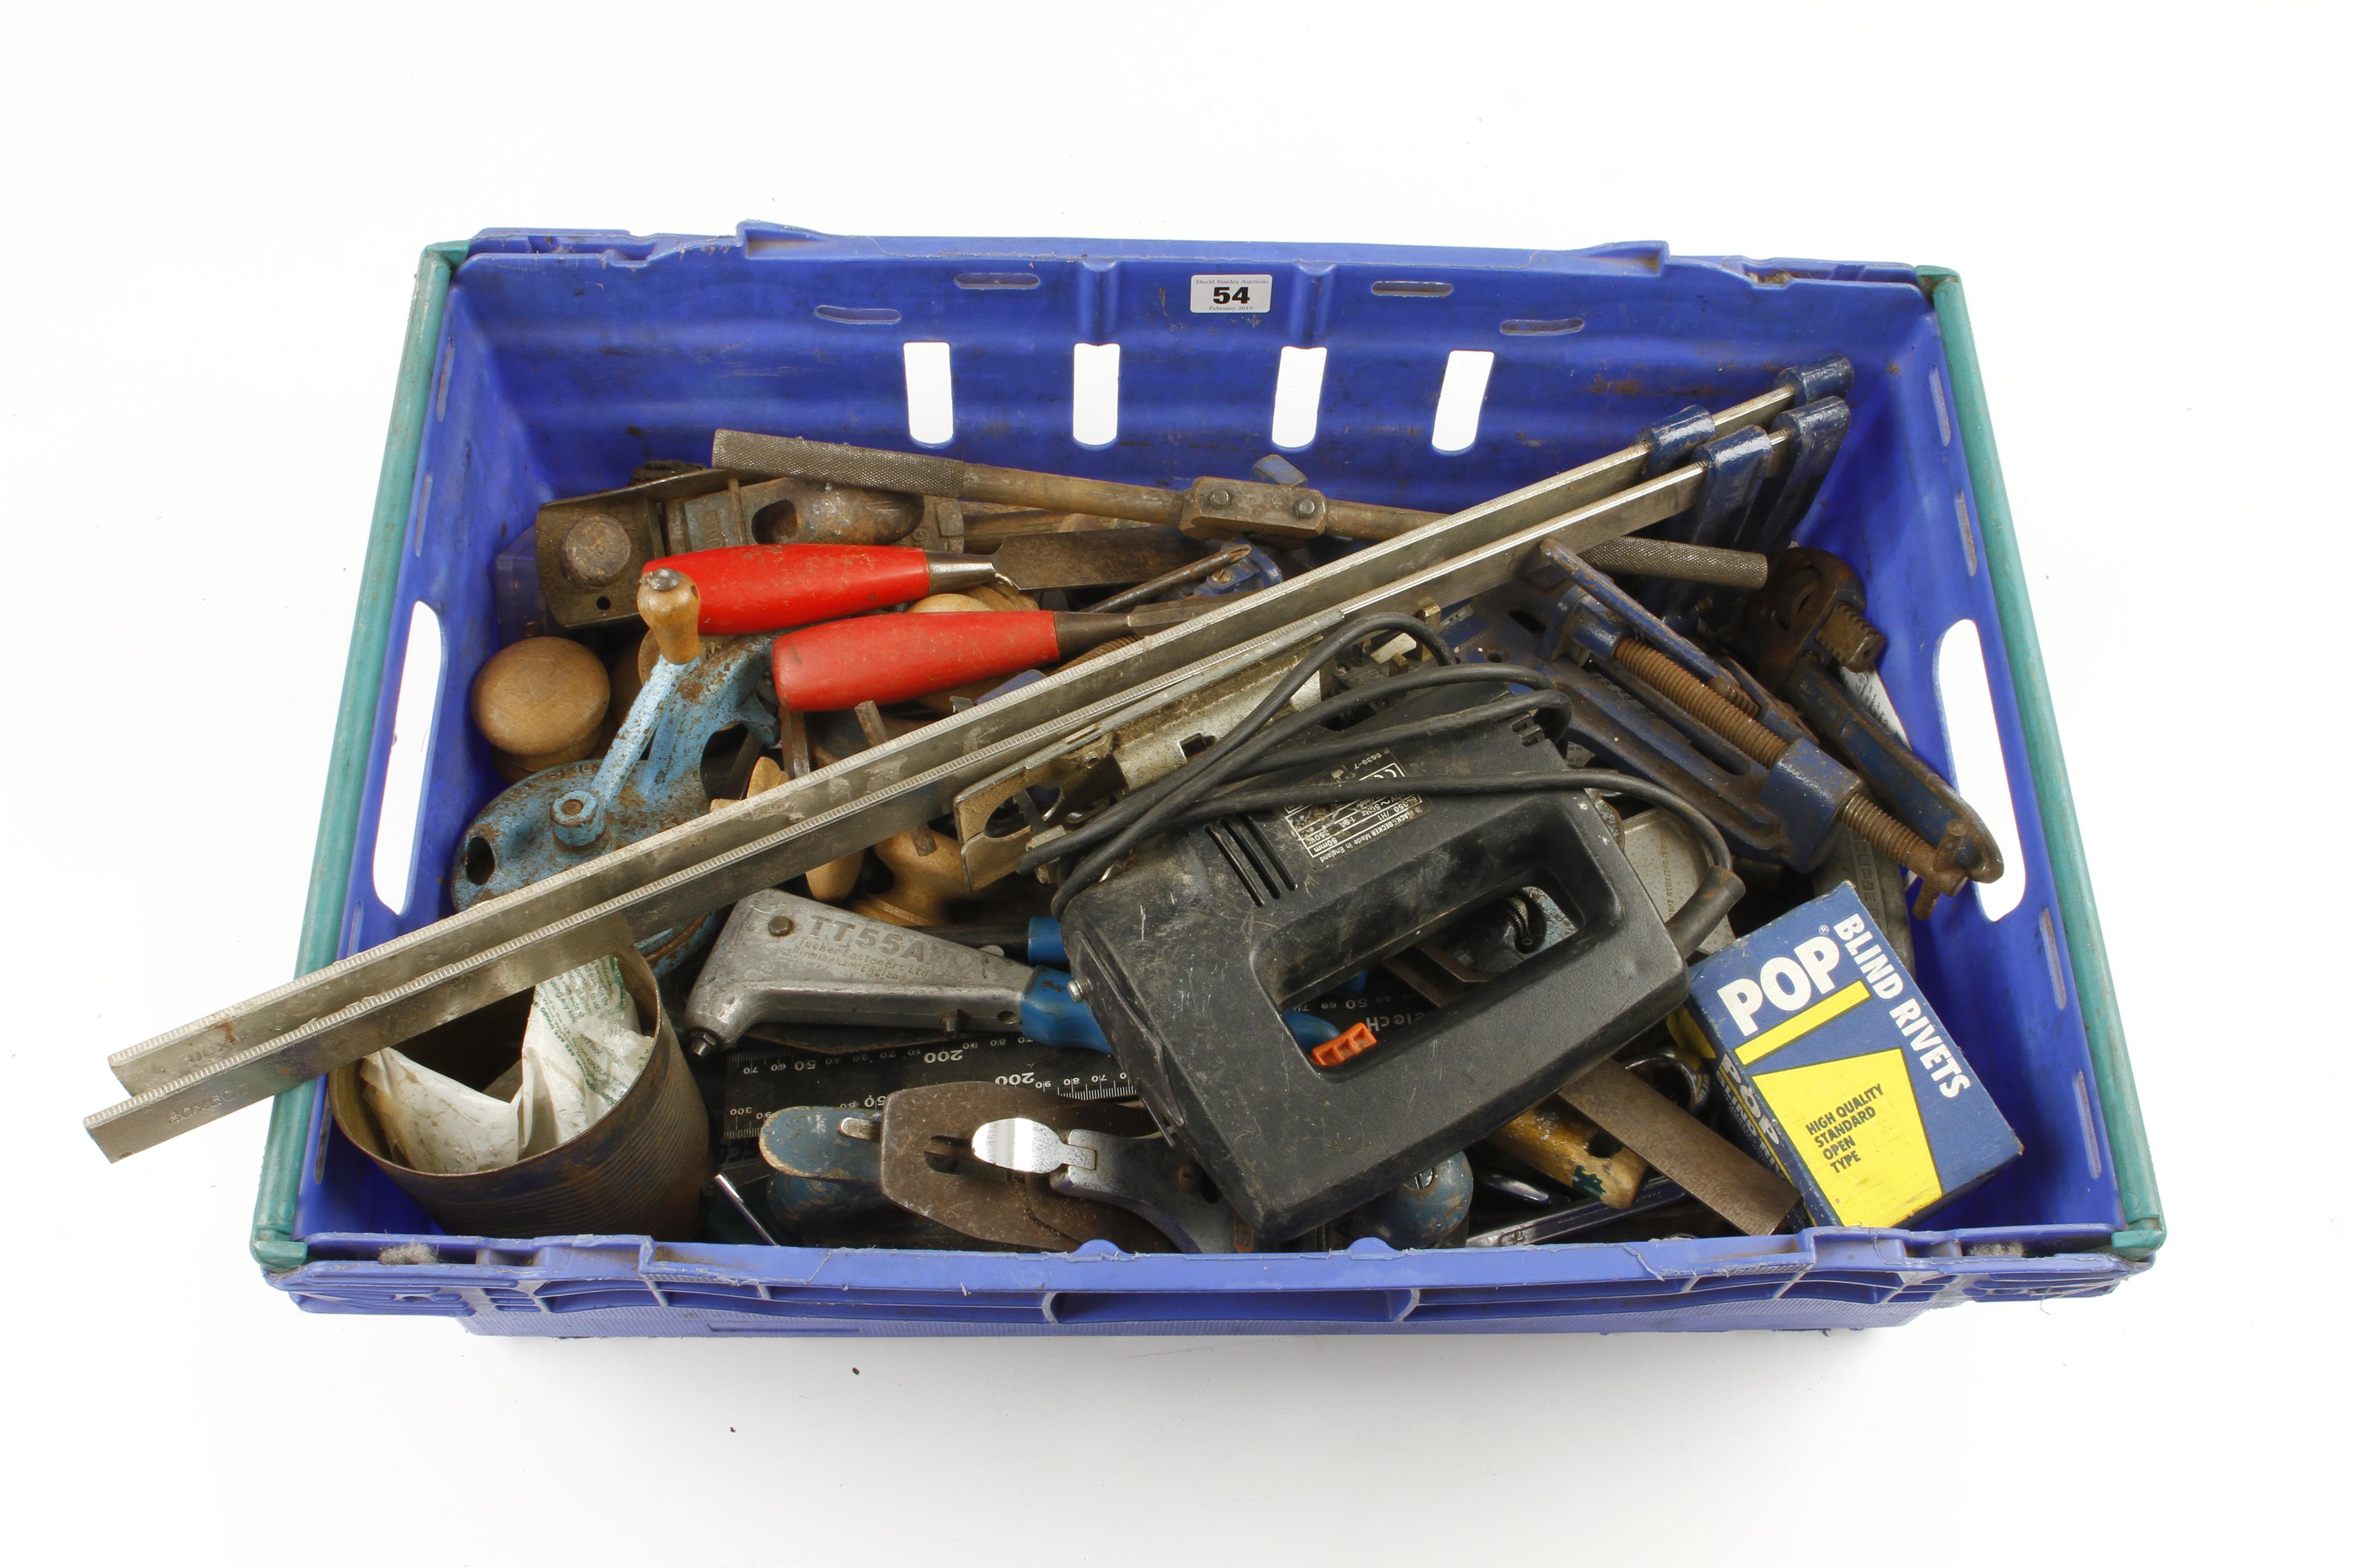 Lot 54 - A box of tools G